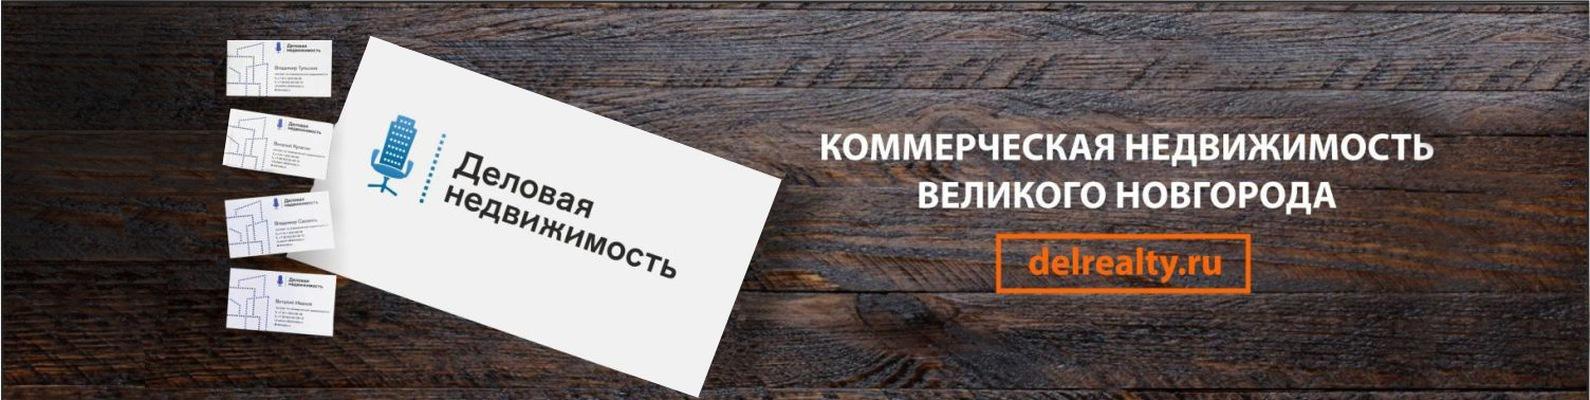 Проектстрой коммерческая недвижимость аренда коммерческой недвижимости в городе обнинске